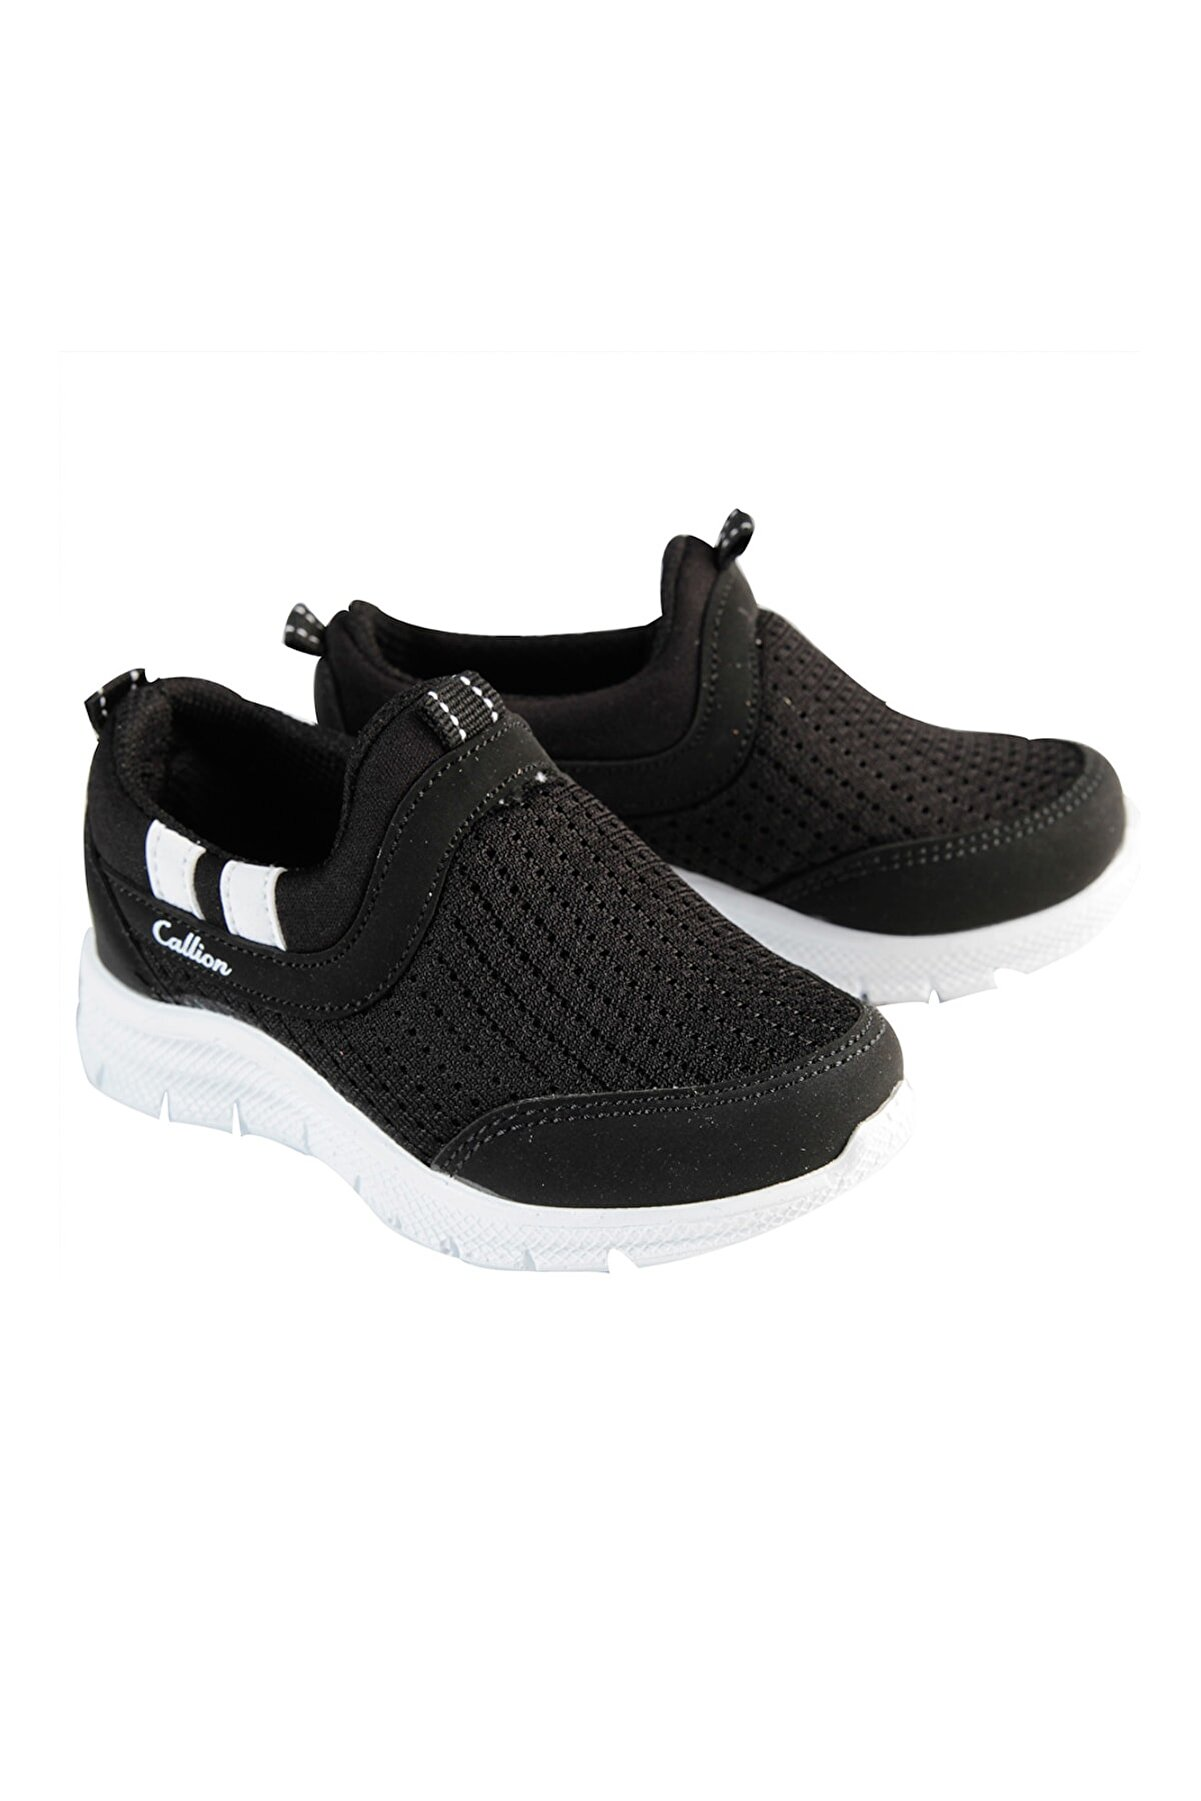 Callion Erkek Çocuk Spor Ayakkabı Siyah